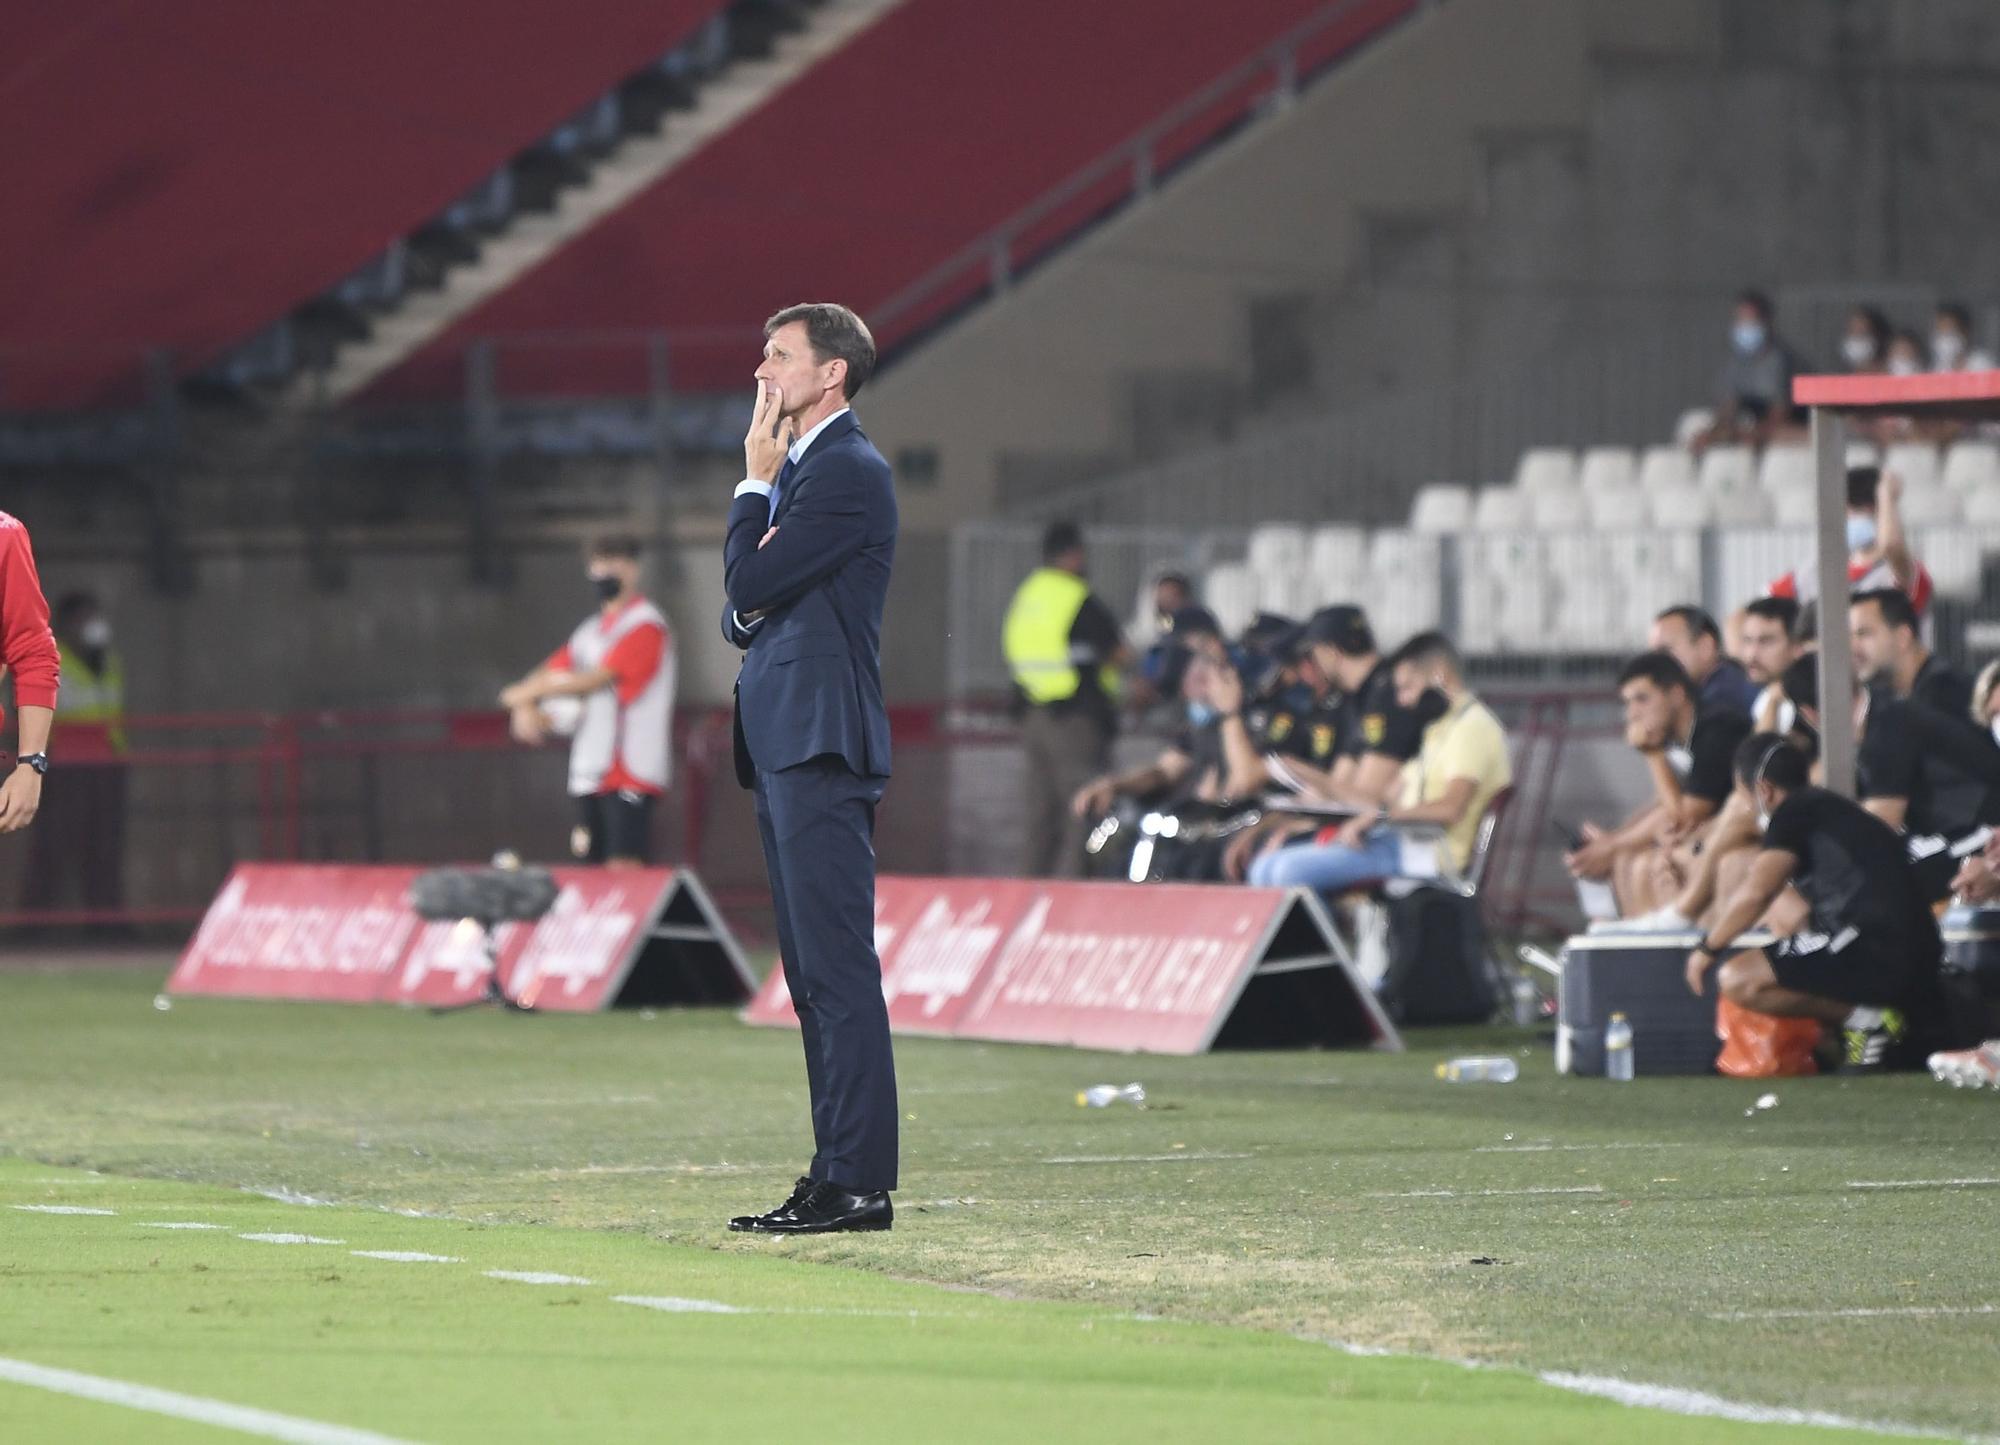 El partido entre el Almería y el Real Oviedo, en imágenes